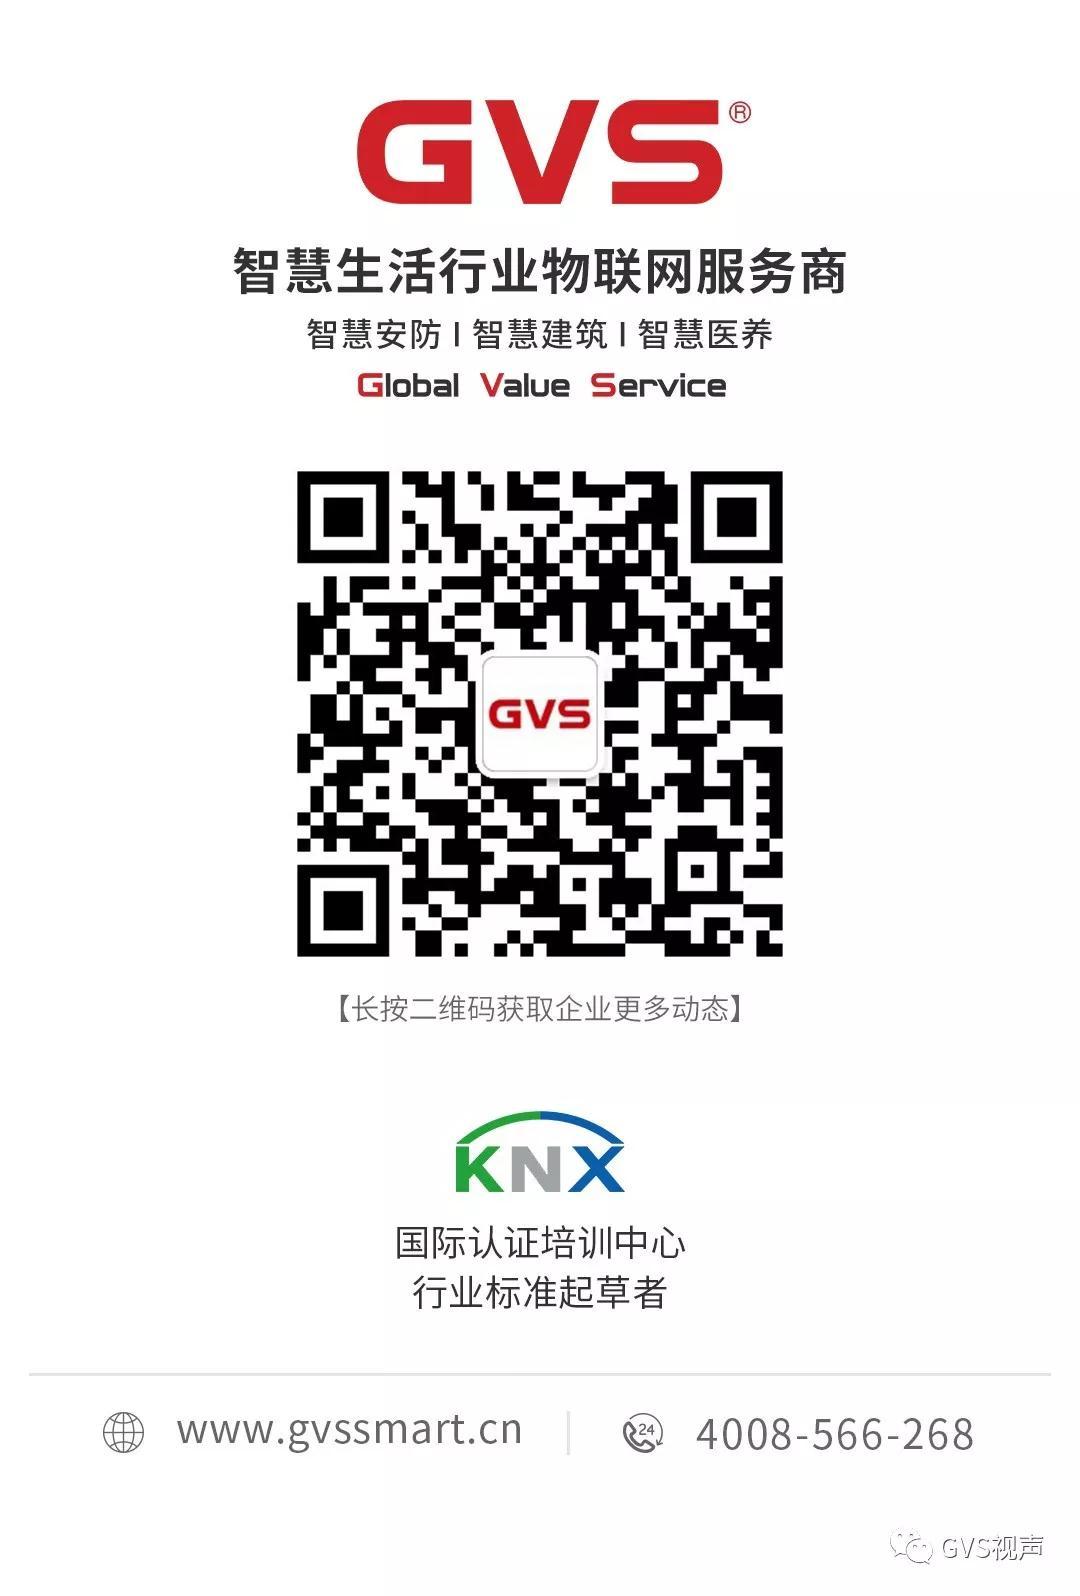 本周四晚8点直播:KNX有线网赚导师技术在广州地铁智能照明中的应用